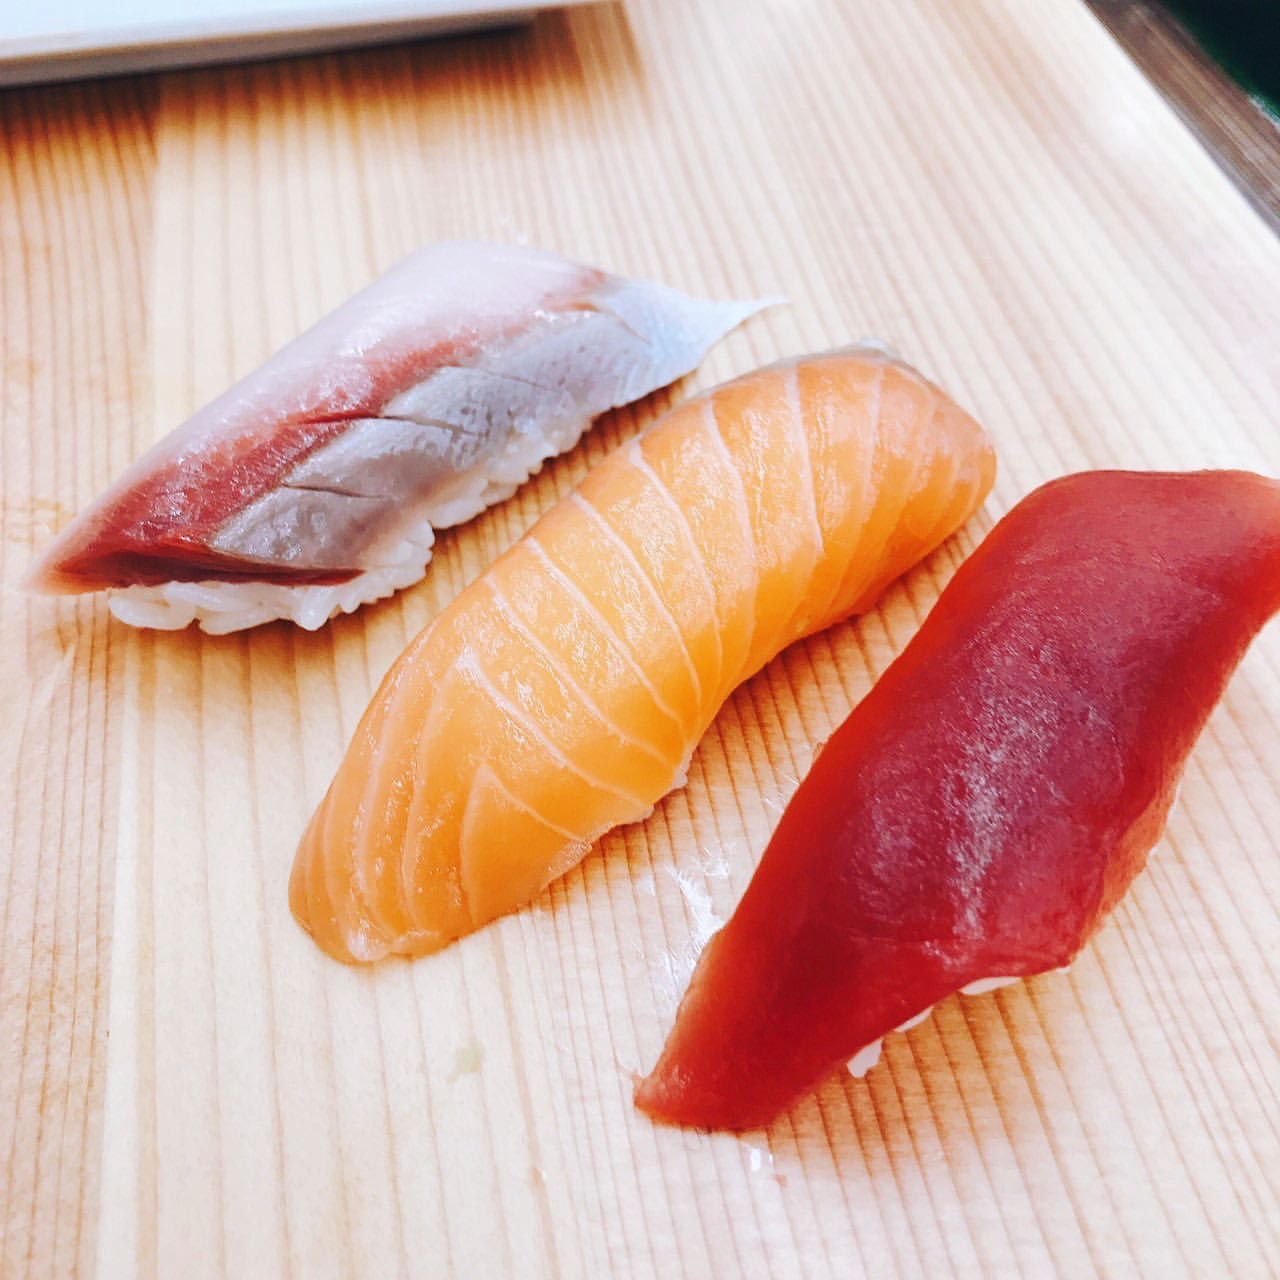 寿司の最新事情! 素人でも握れるようになるワークショップに挑戦